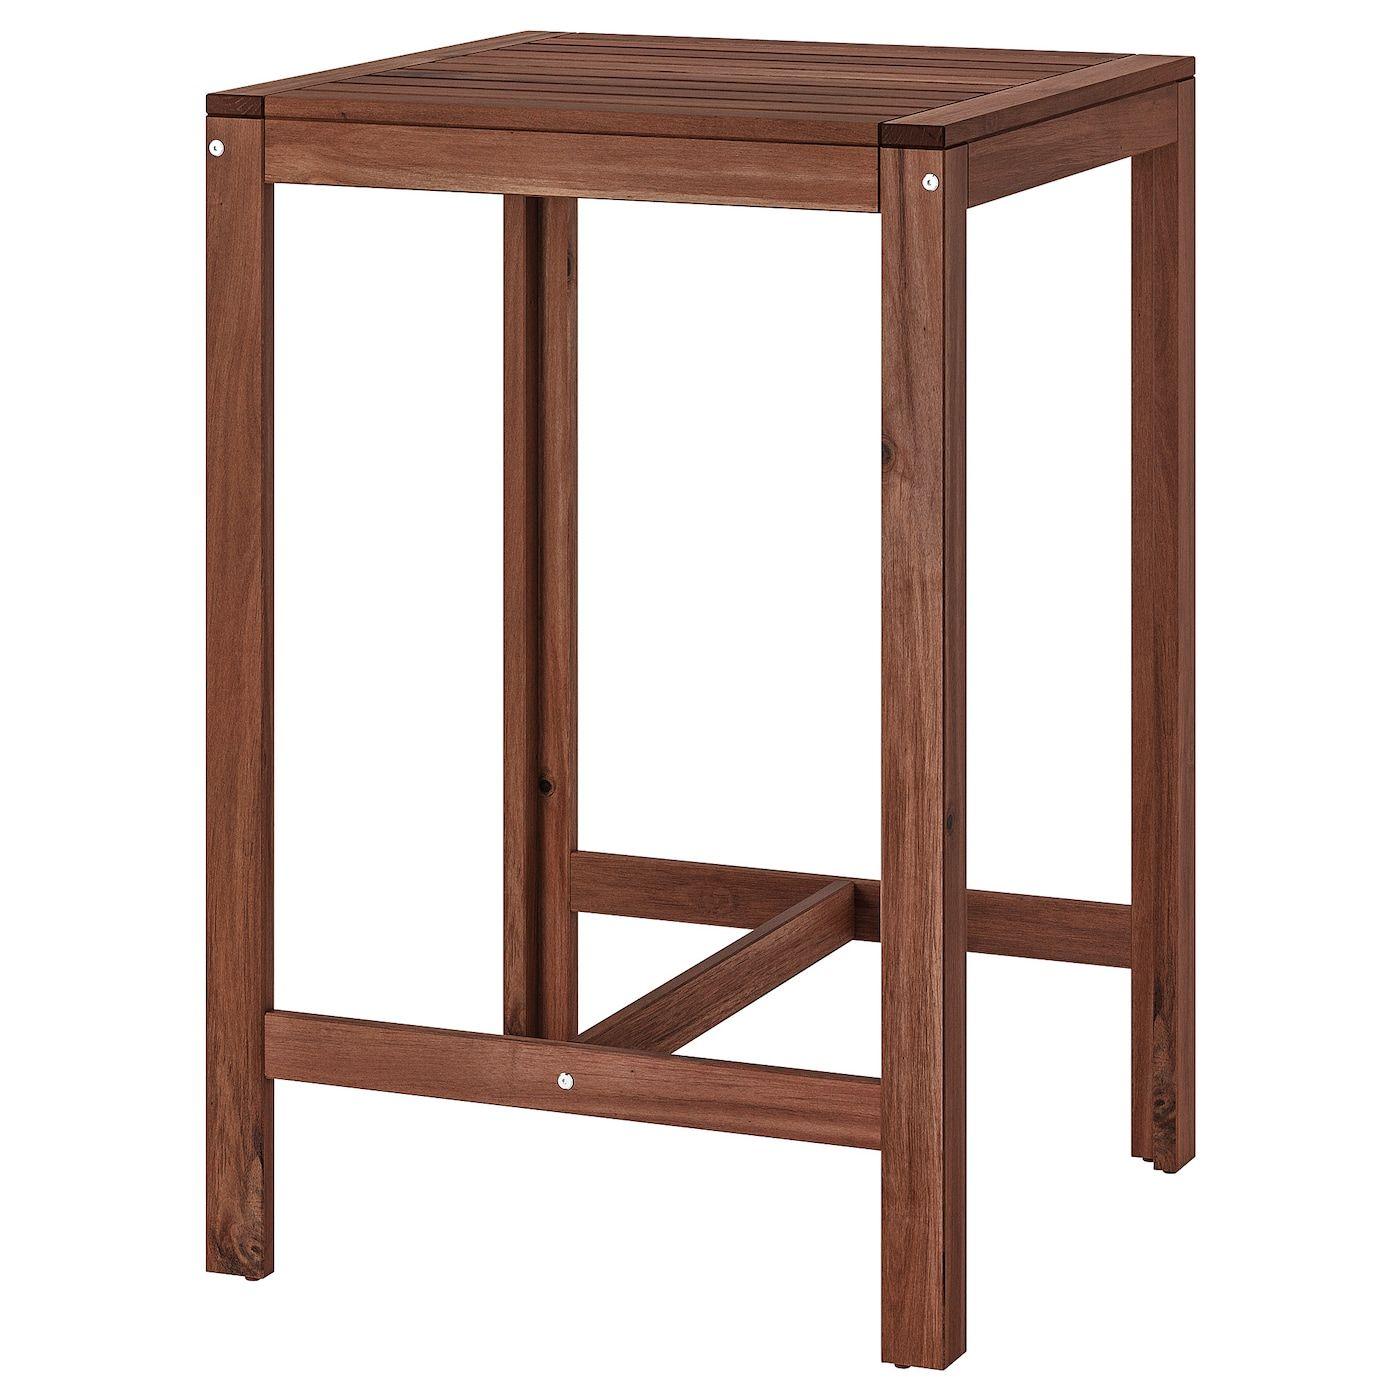 Applaro Bartisch Aussen Braun Las Ikea Osterreich In 2020 Outdoor Dining Table Bar Table Outdoor Dining Furniture